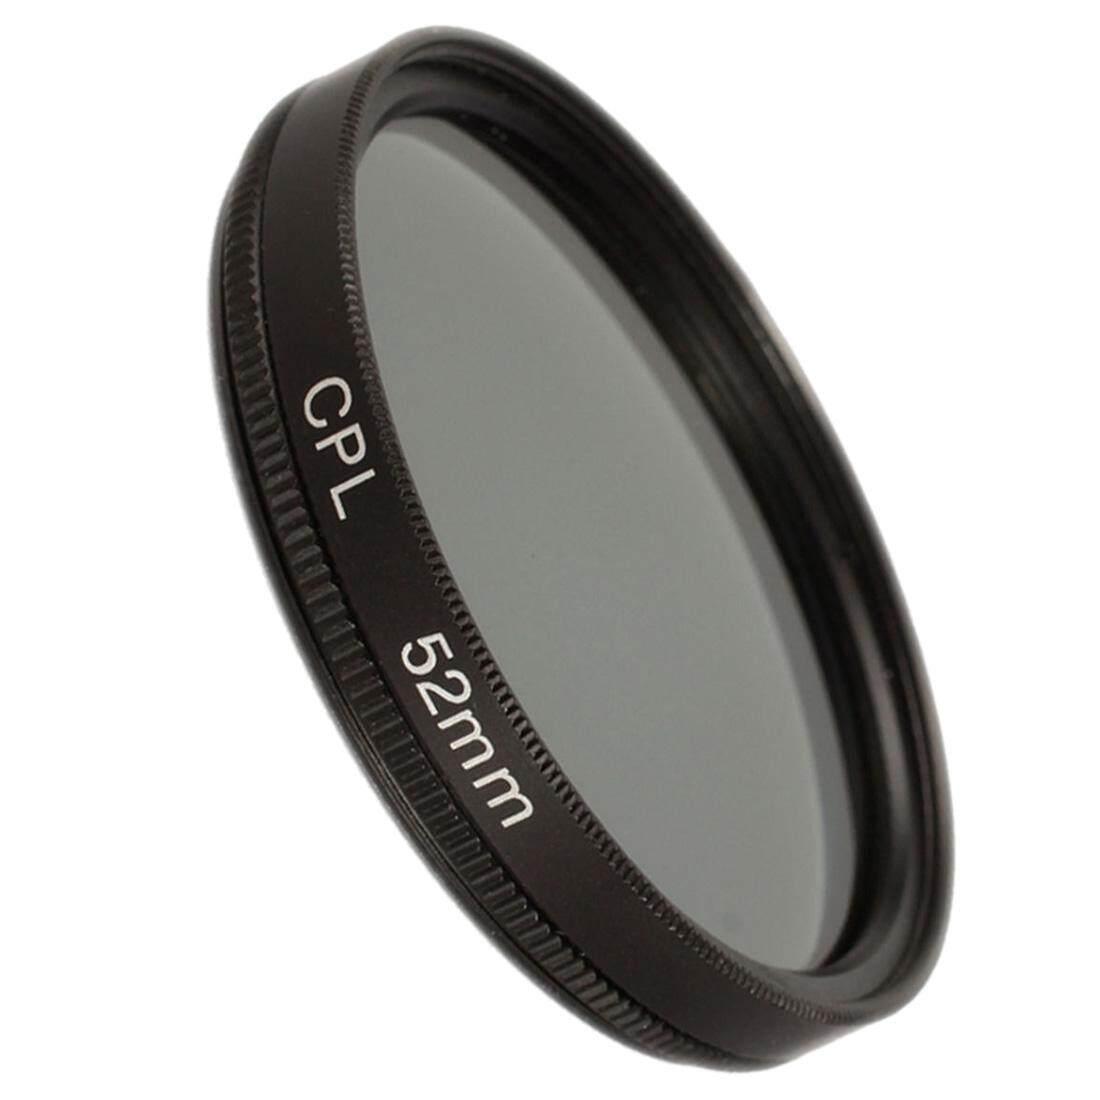 52mm circular polarising CPL filter for canon 650D 700D nikon D3100 D3200 D3300